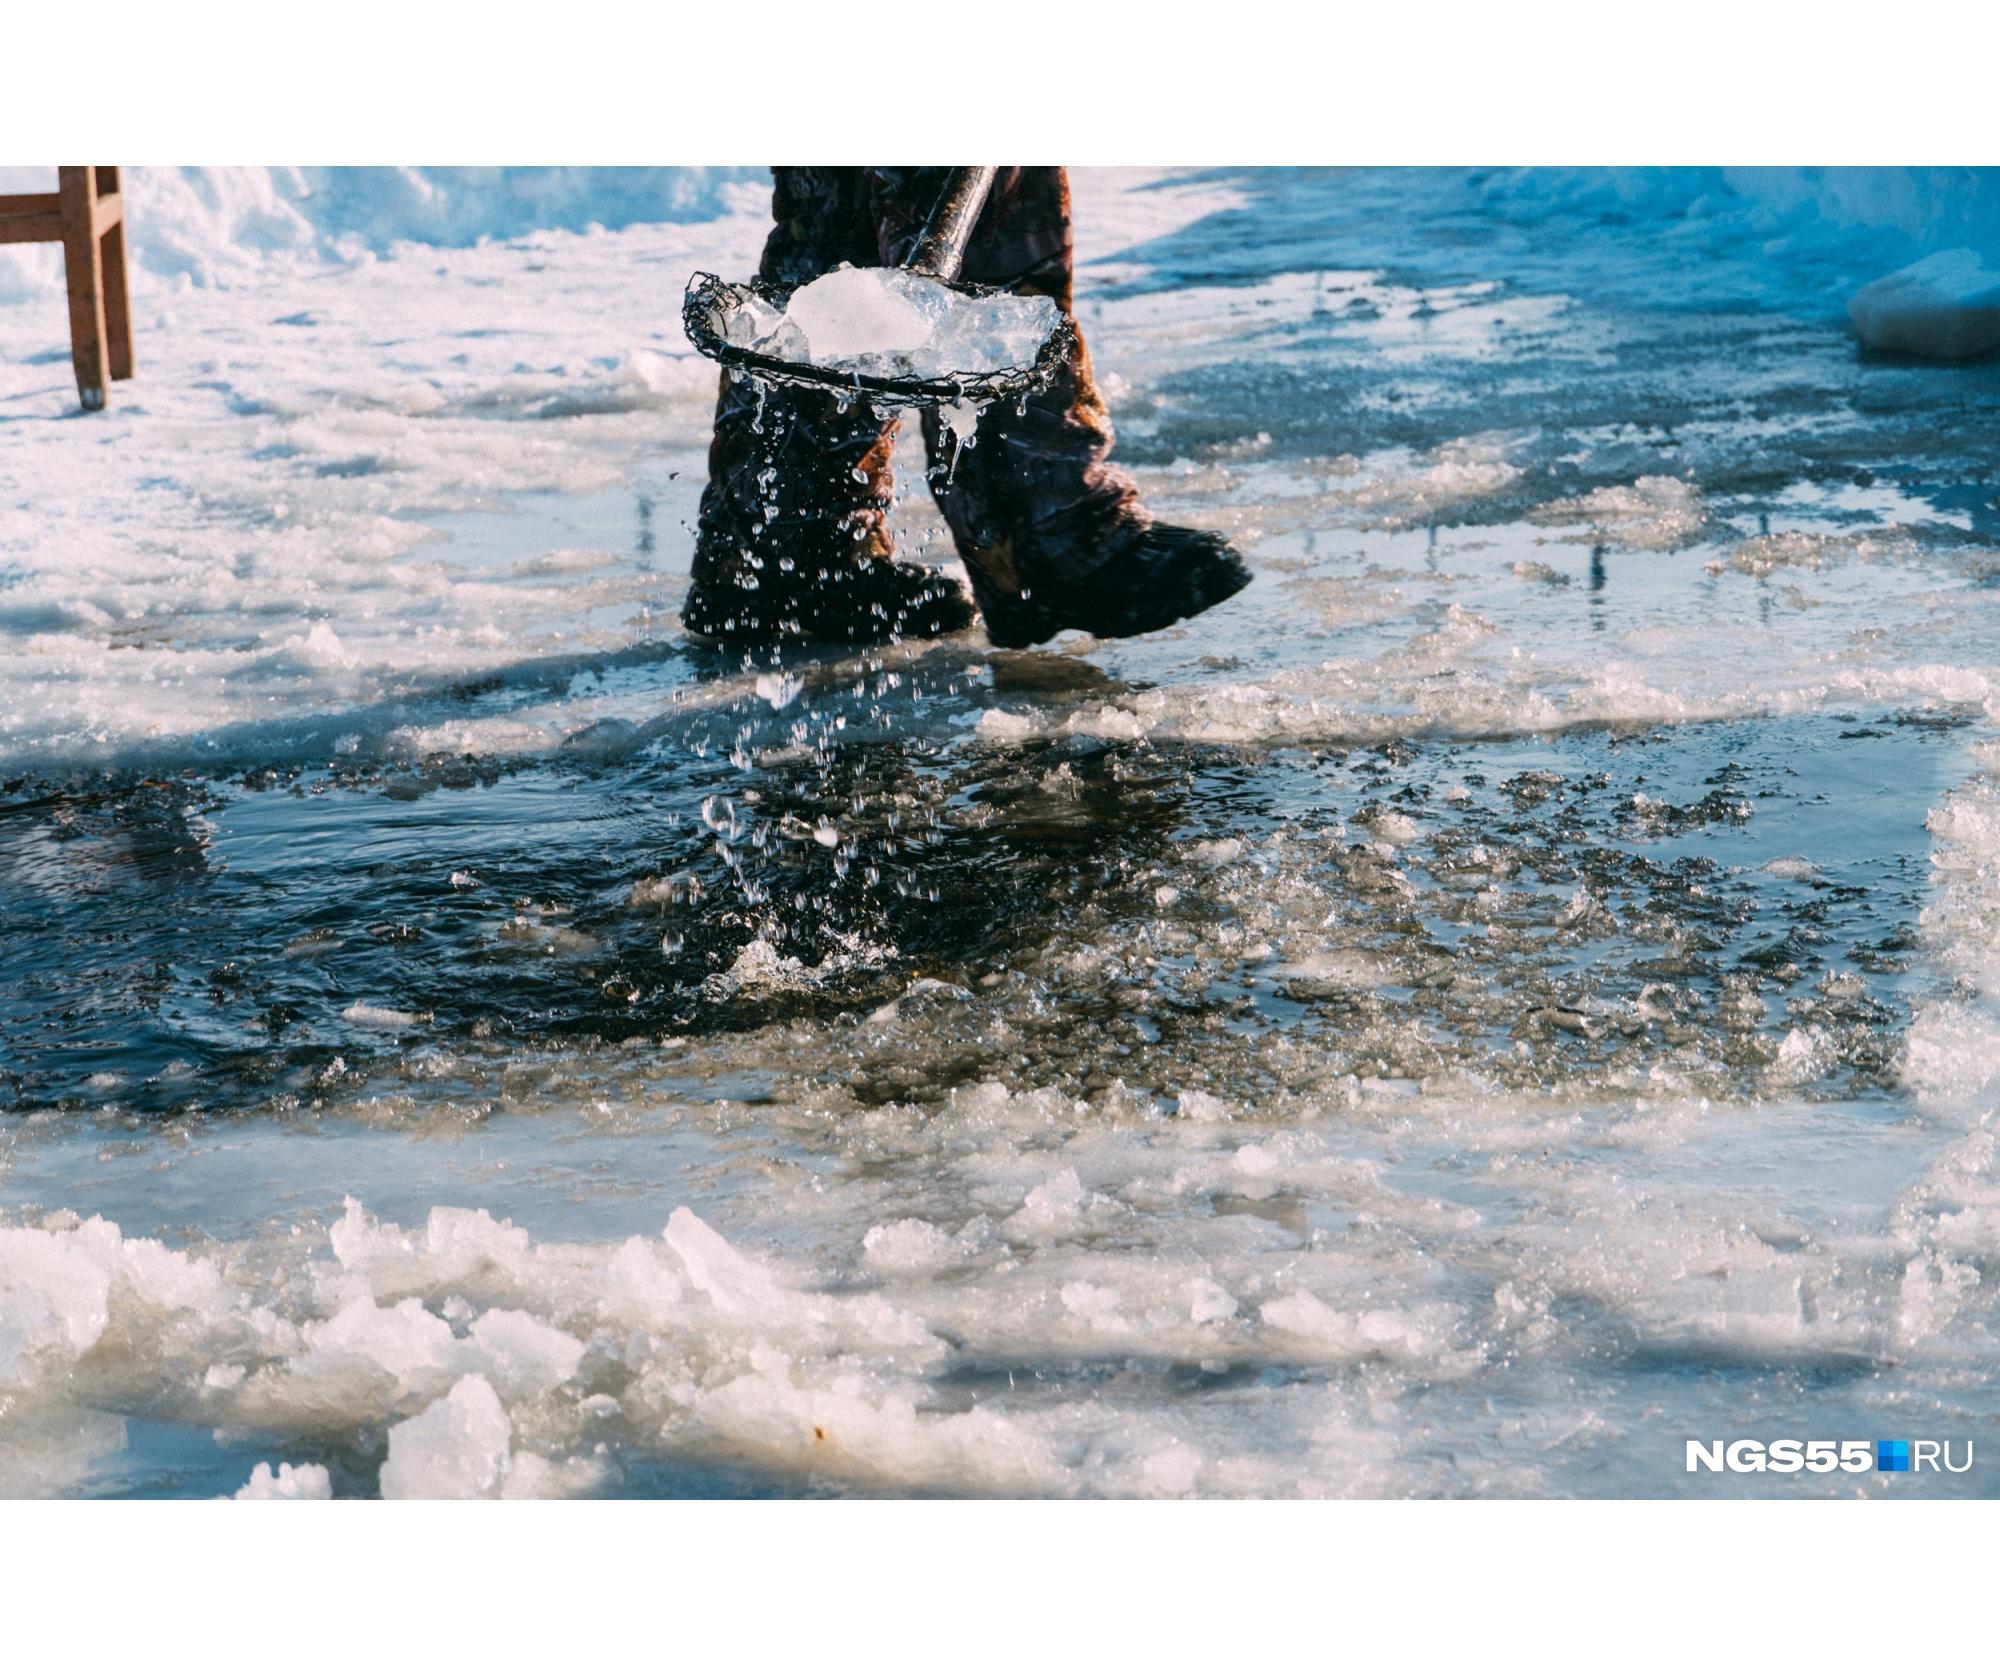 Что-то весеннее и жизнерадостное есть в этом снимке, хоть и до таяния снега еще совсем далеко